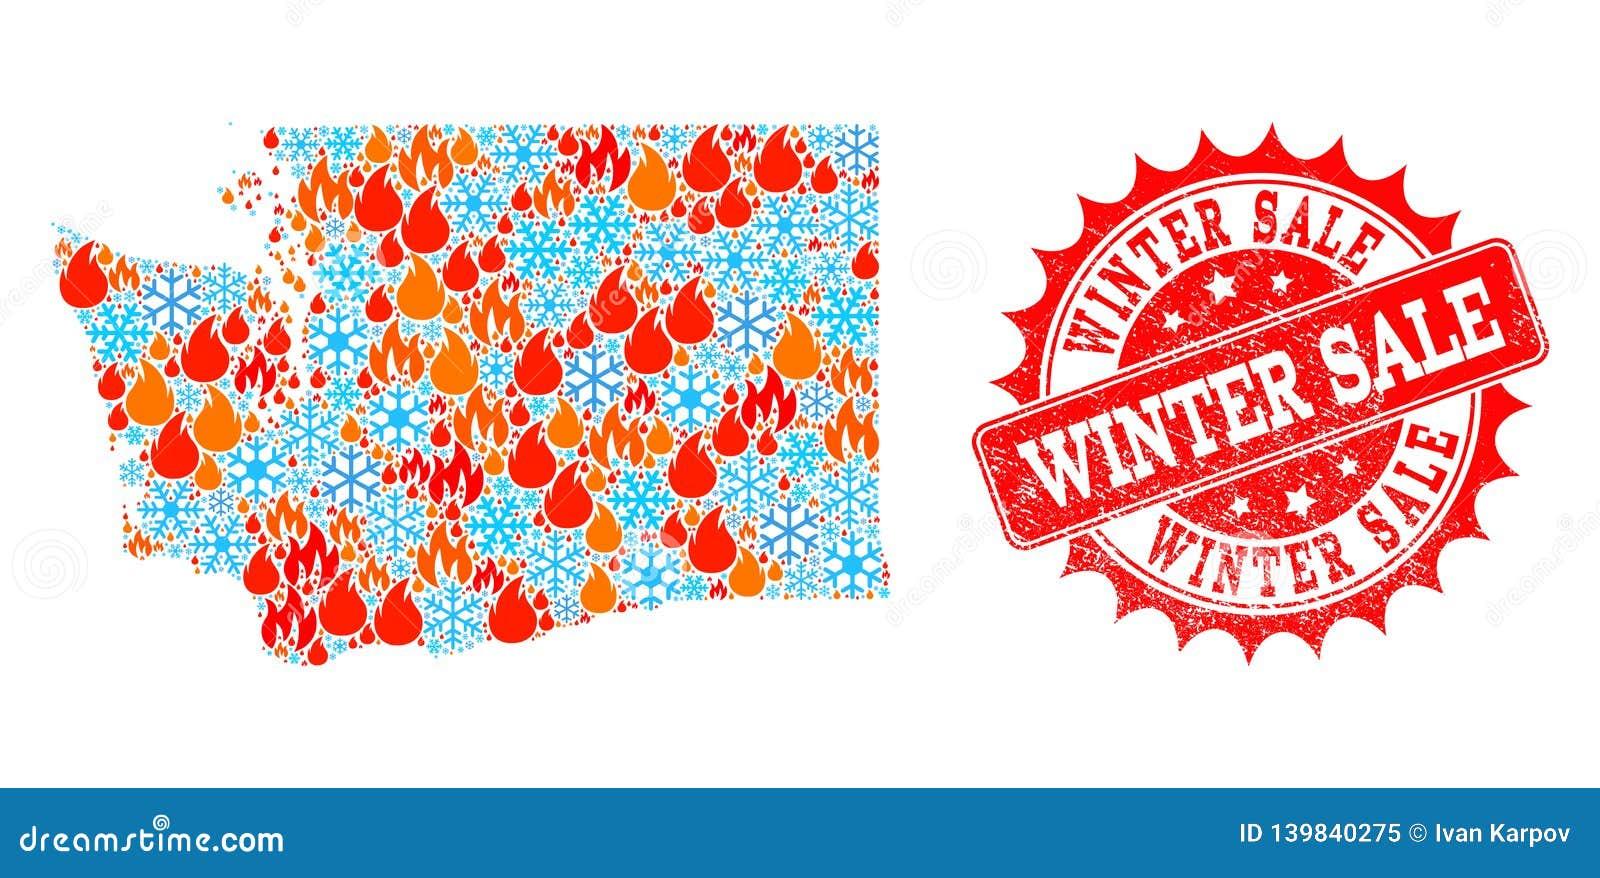 Carte de mosaïque de Washington State de flamme et de neige et de timbre grunge de vente d hiver